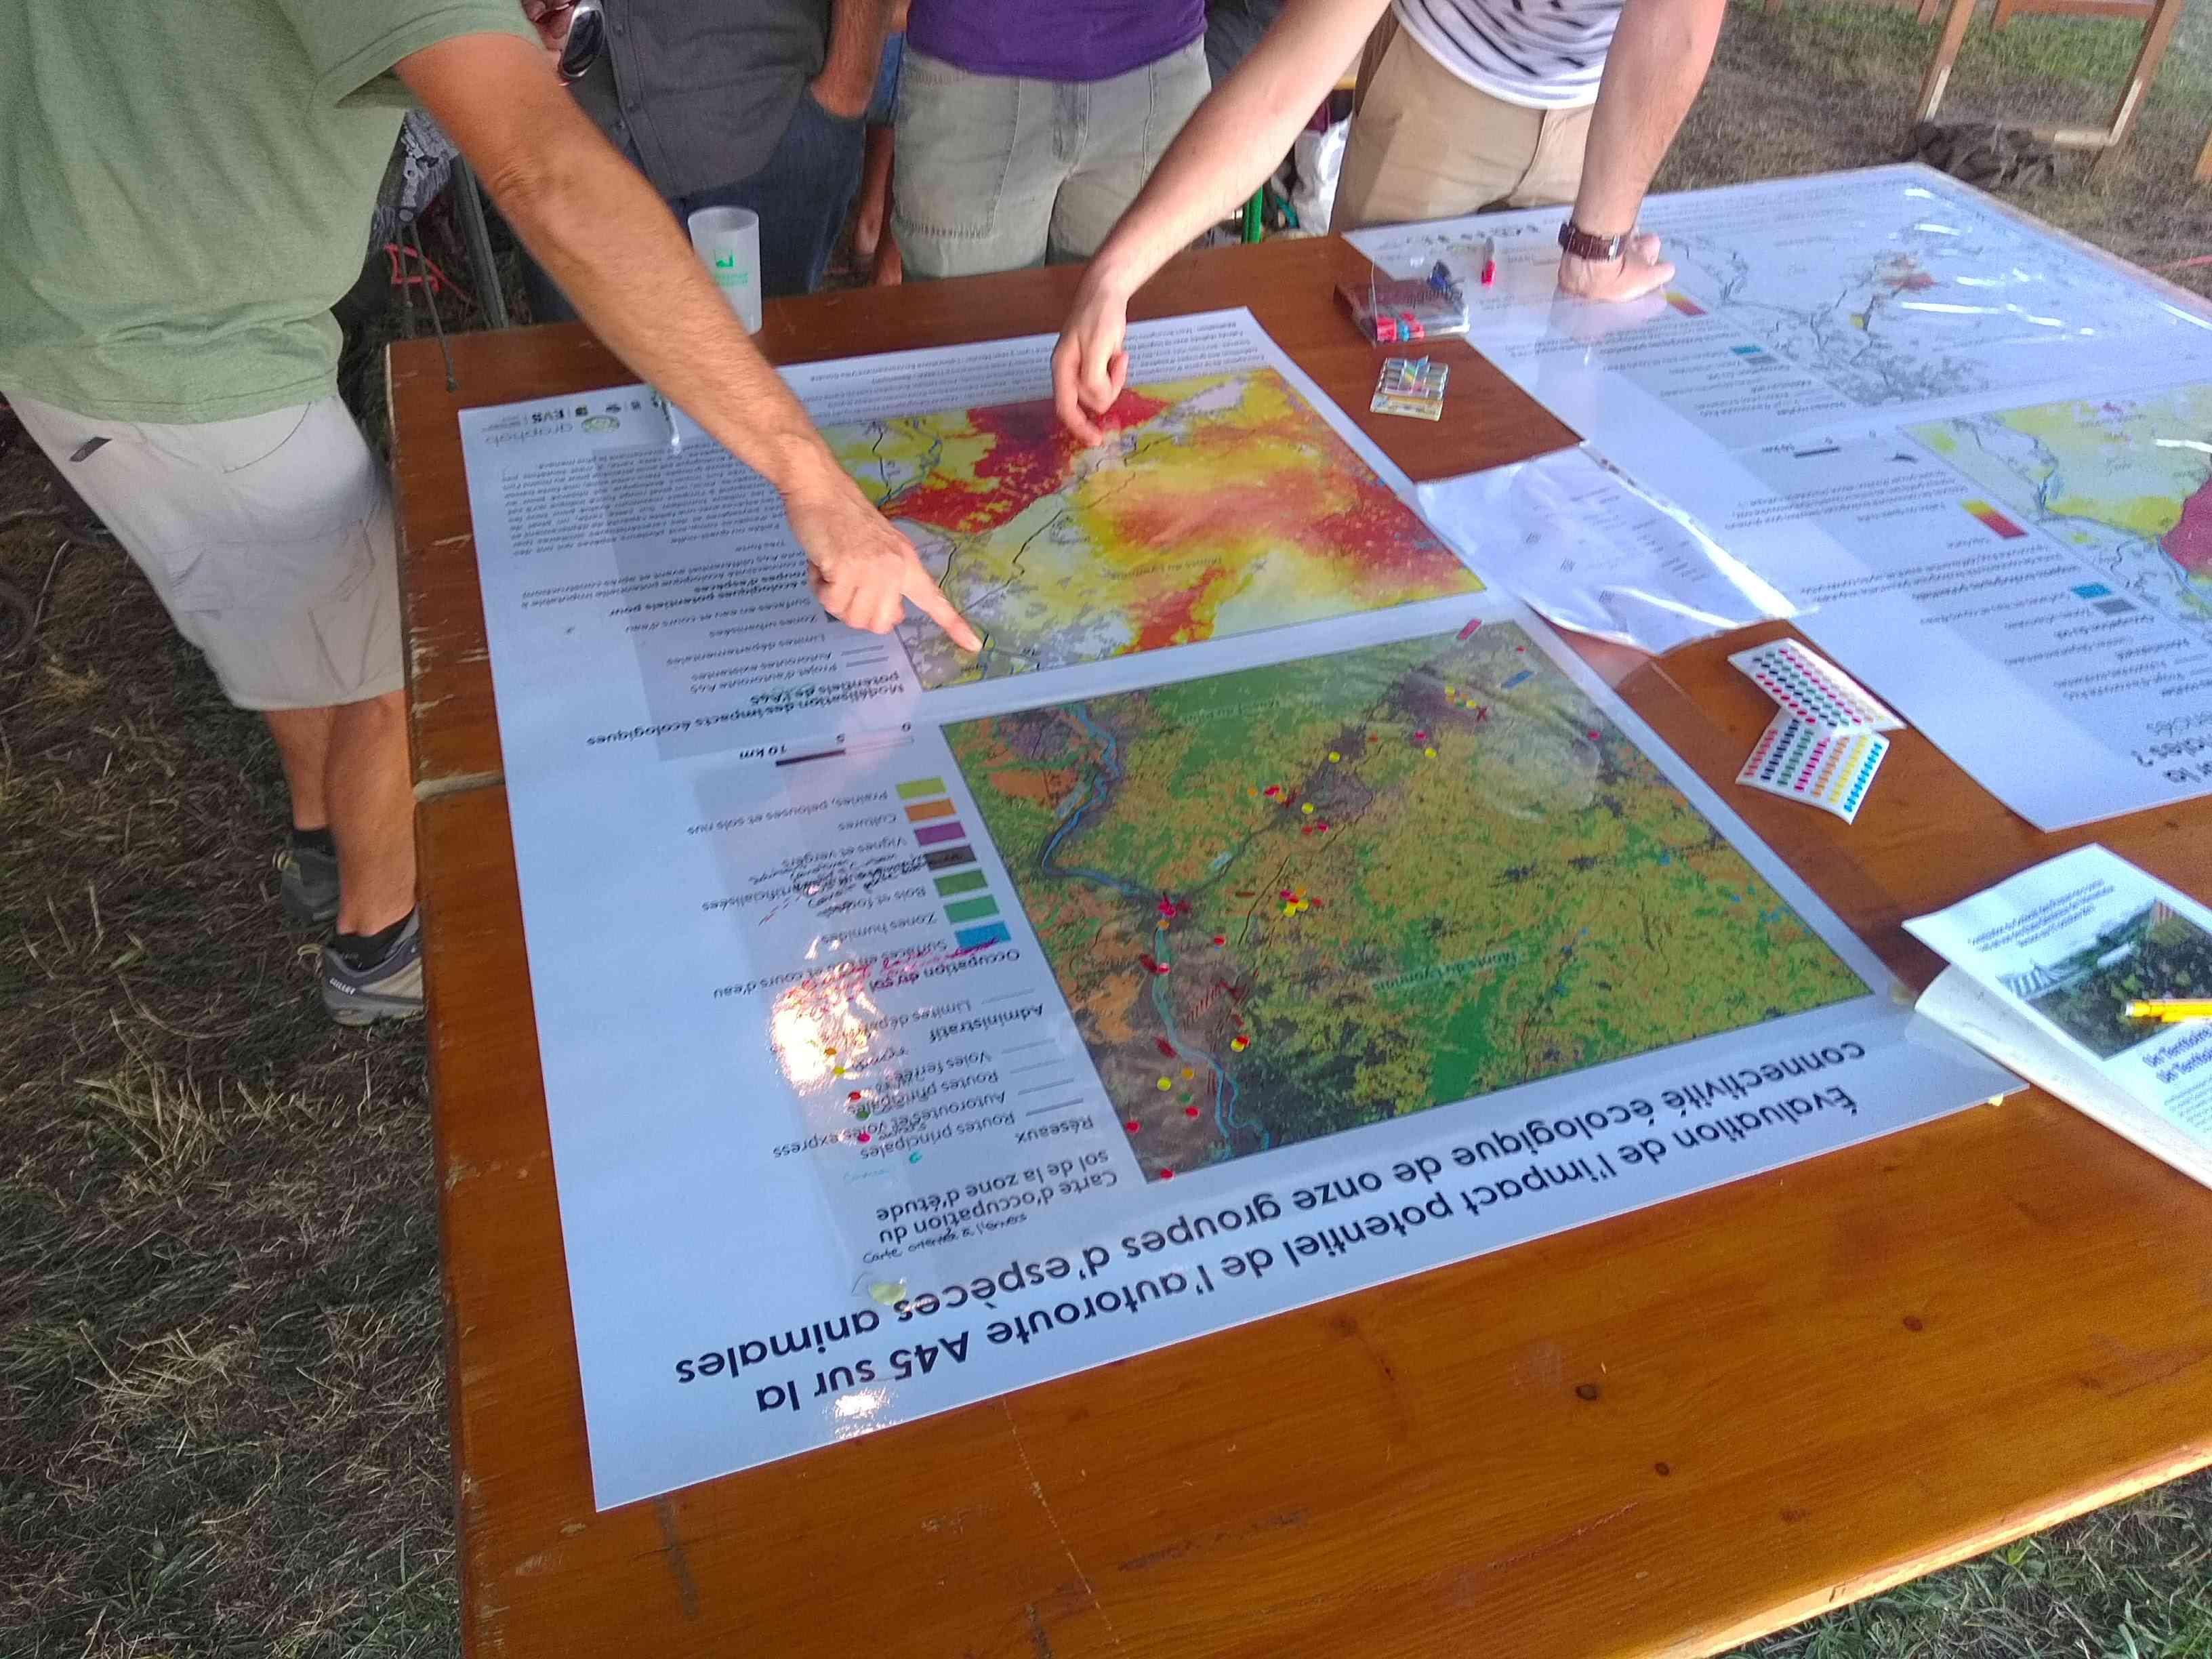 Cartes ateliers géographes libertaires